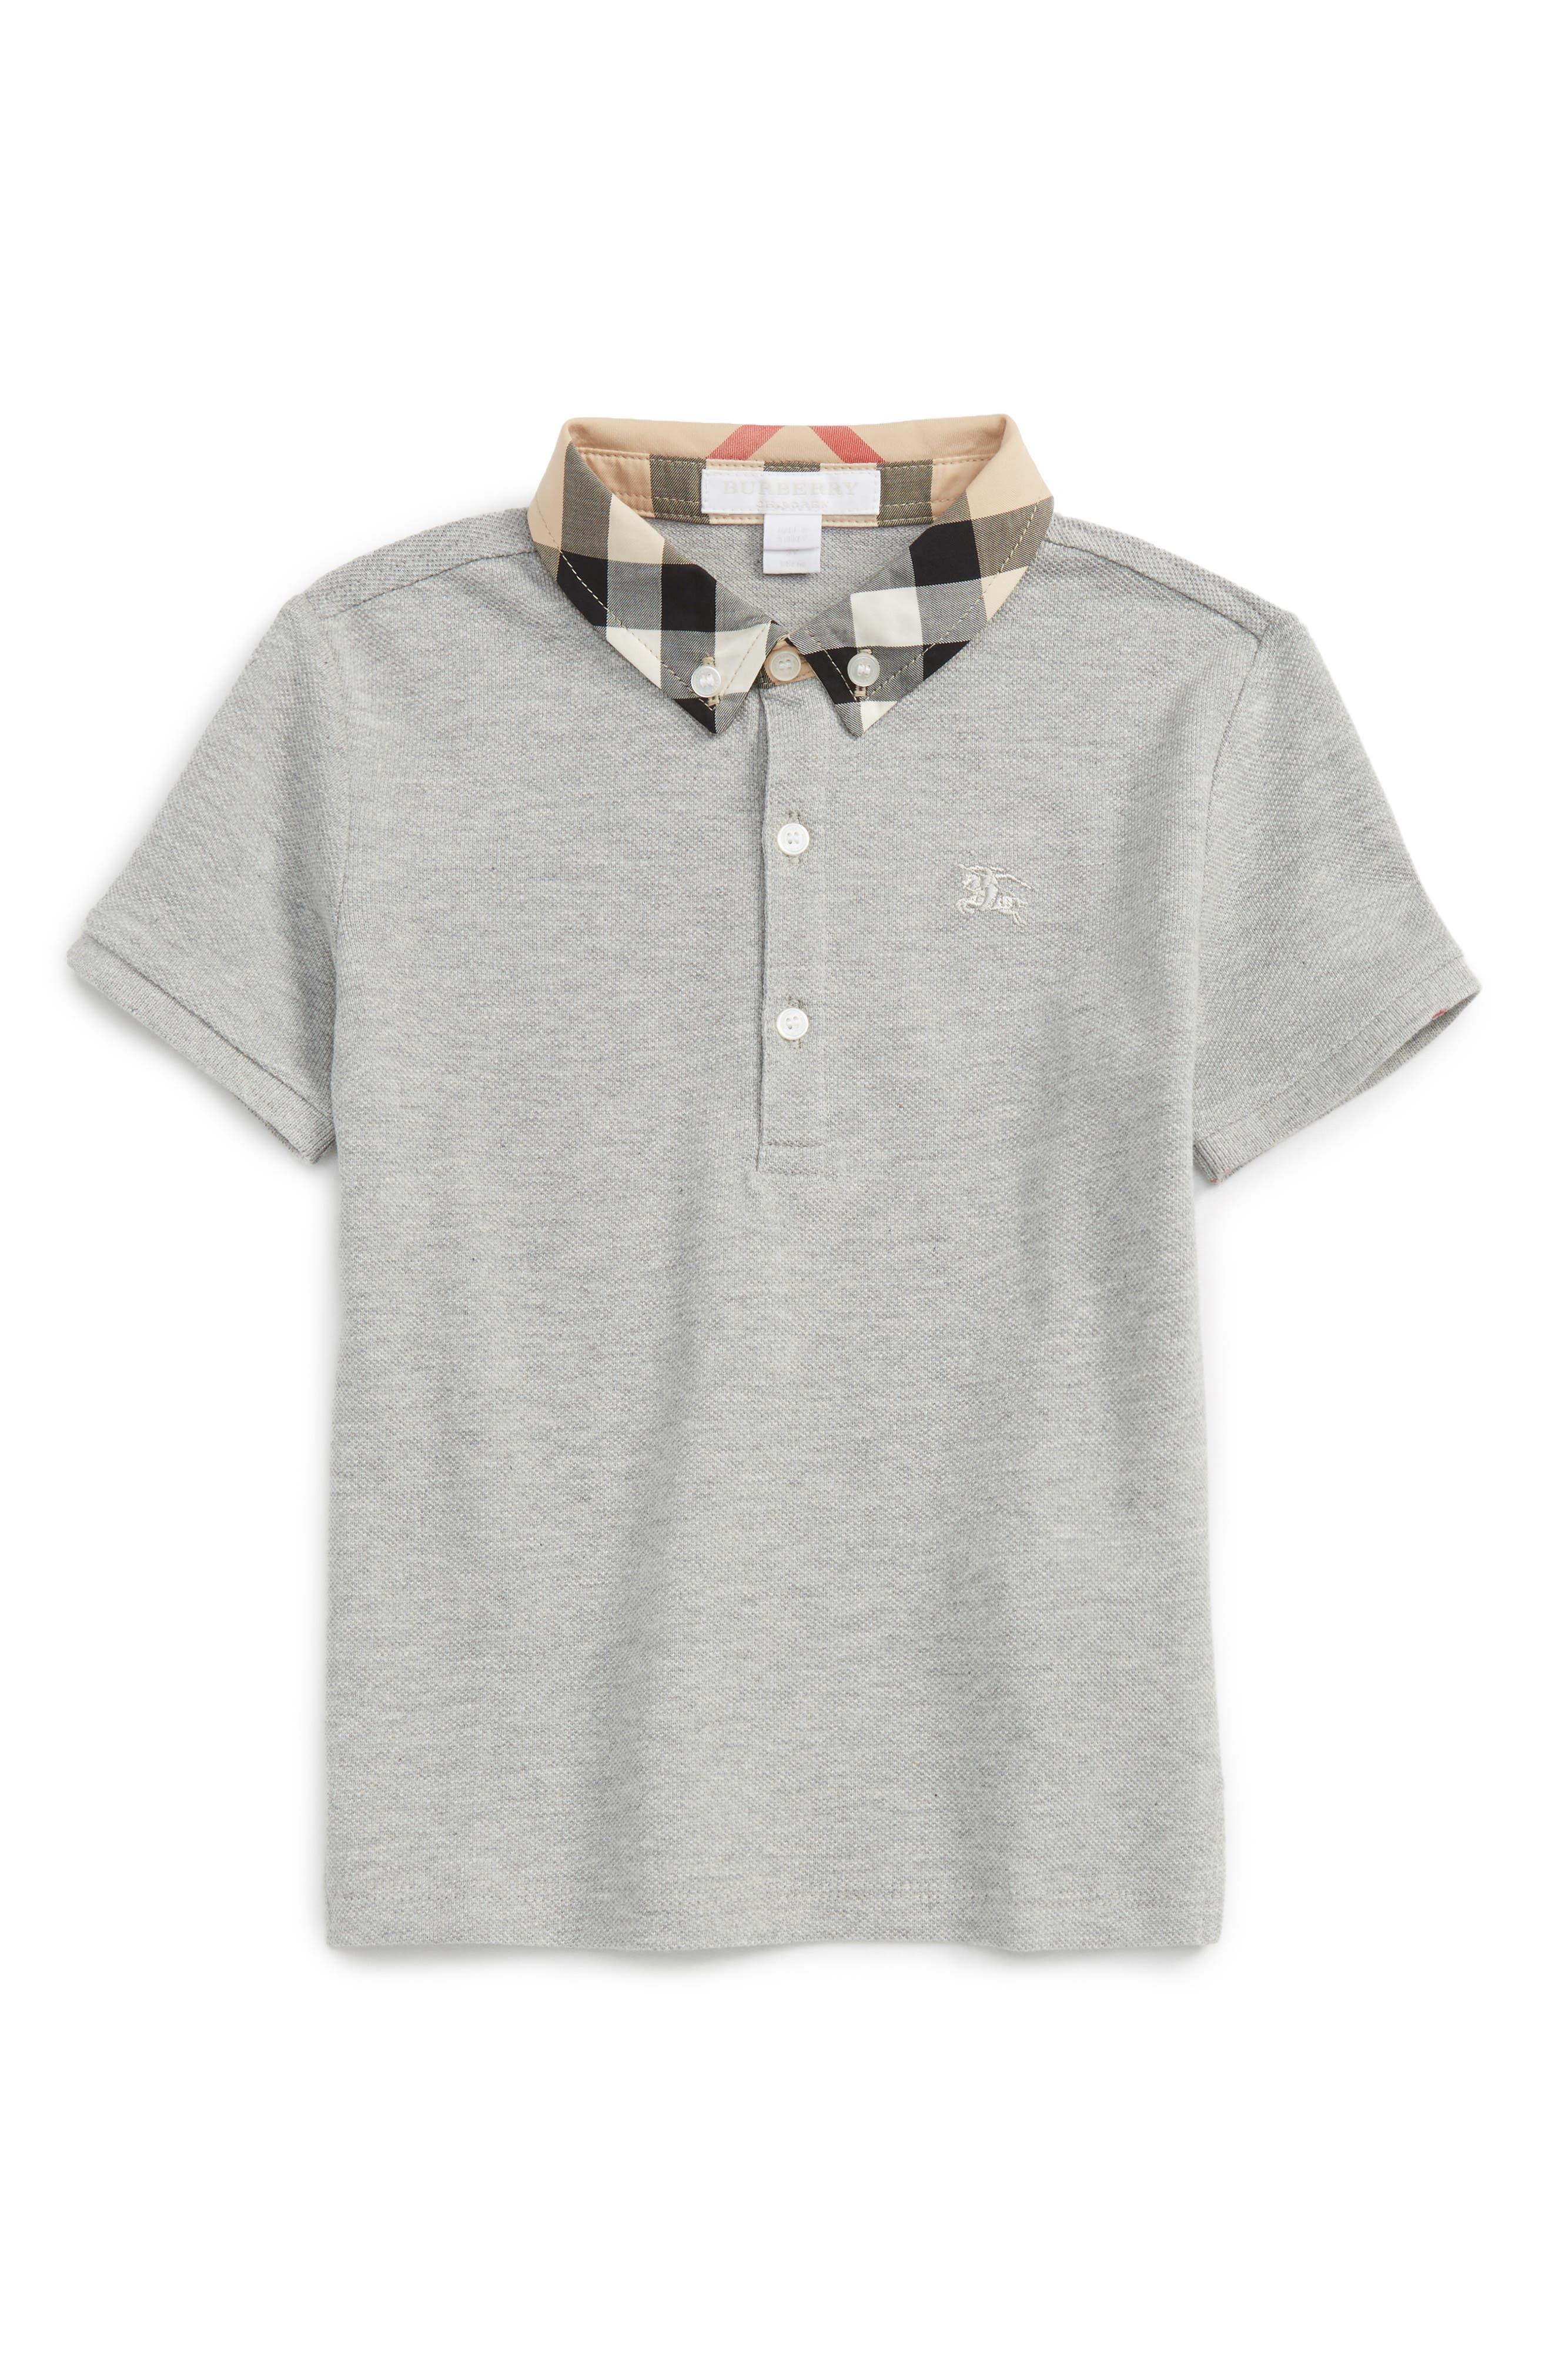 Burberry Check Collar Polo (Toddler Boys)